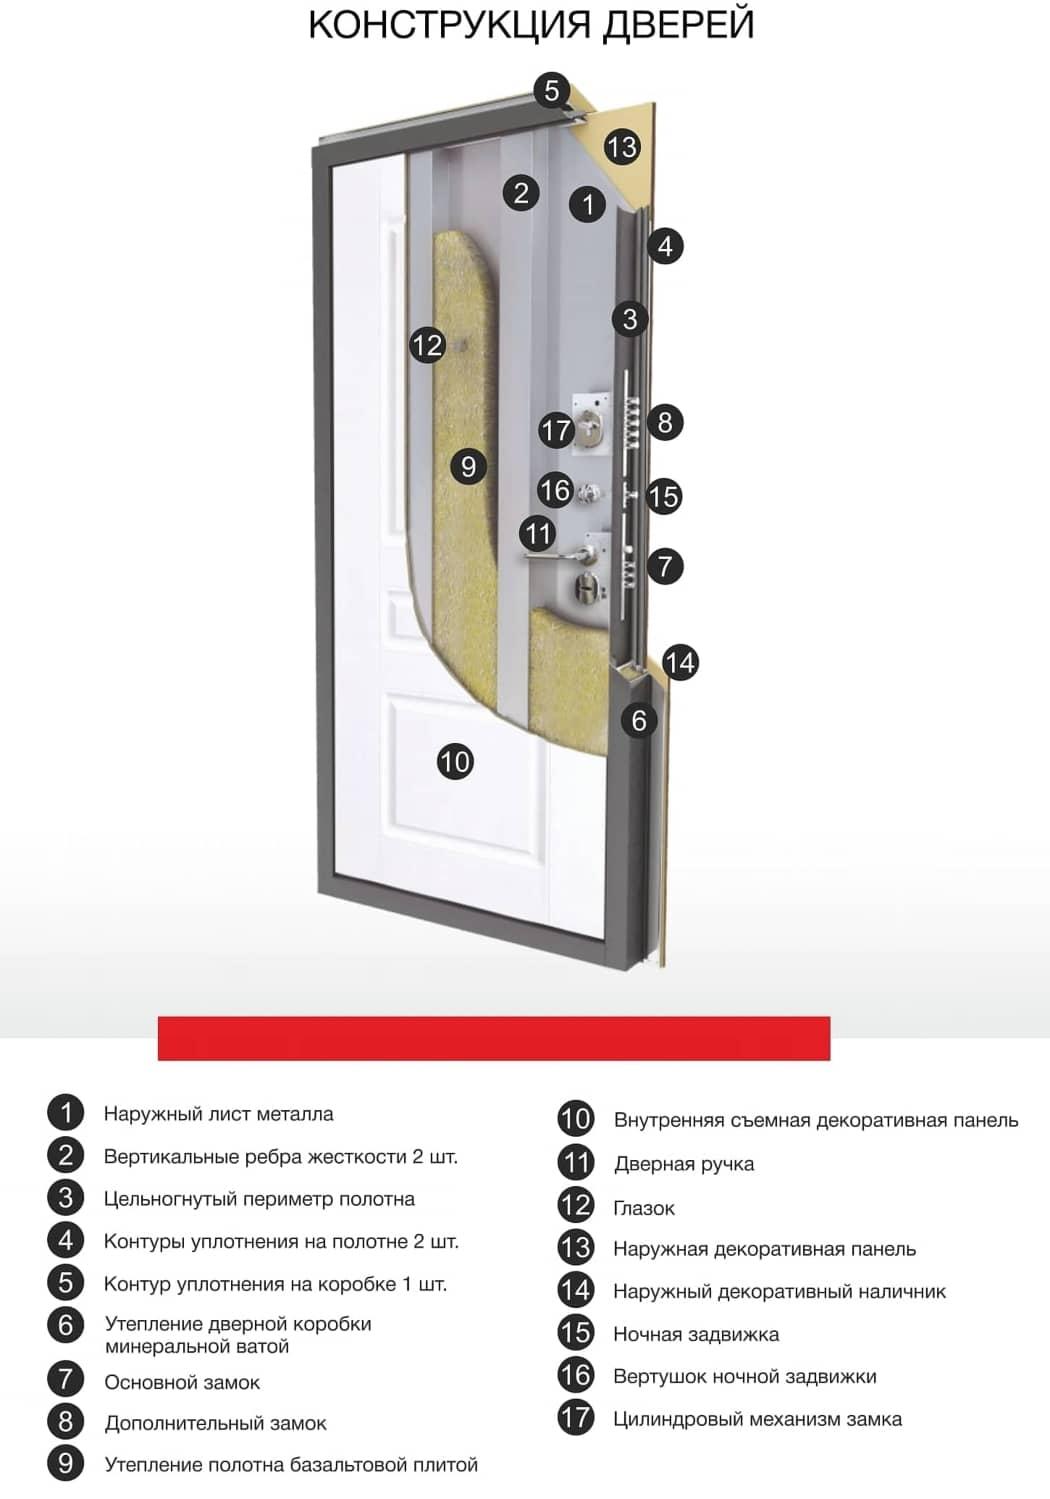 конструкция входной двери, толщина входной двери, наполнение входной двери